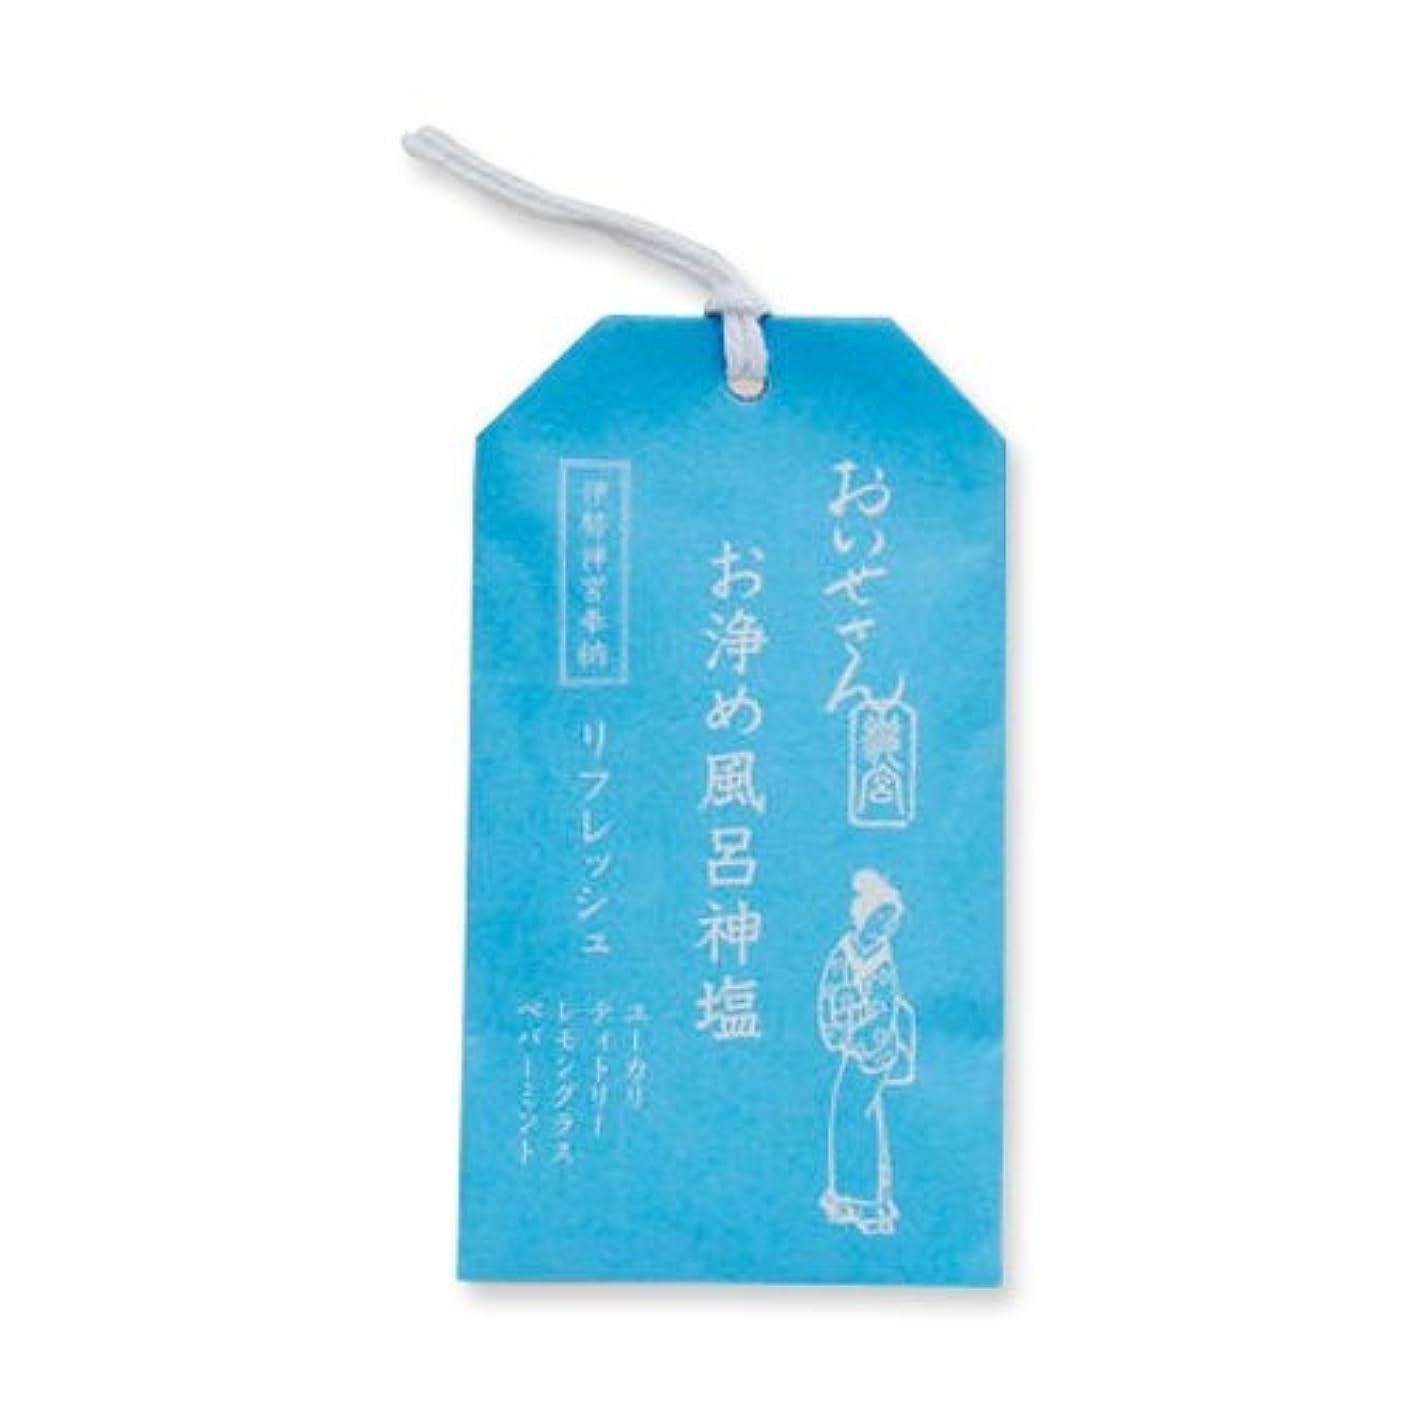 虫を数えるメナジェリー統計おいせさん お浄め風呂神塩 バス用ソルト(リフレッシュ) 20g